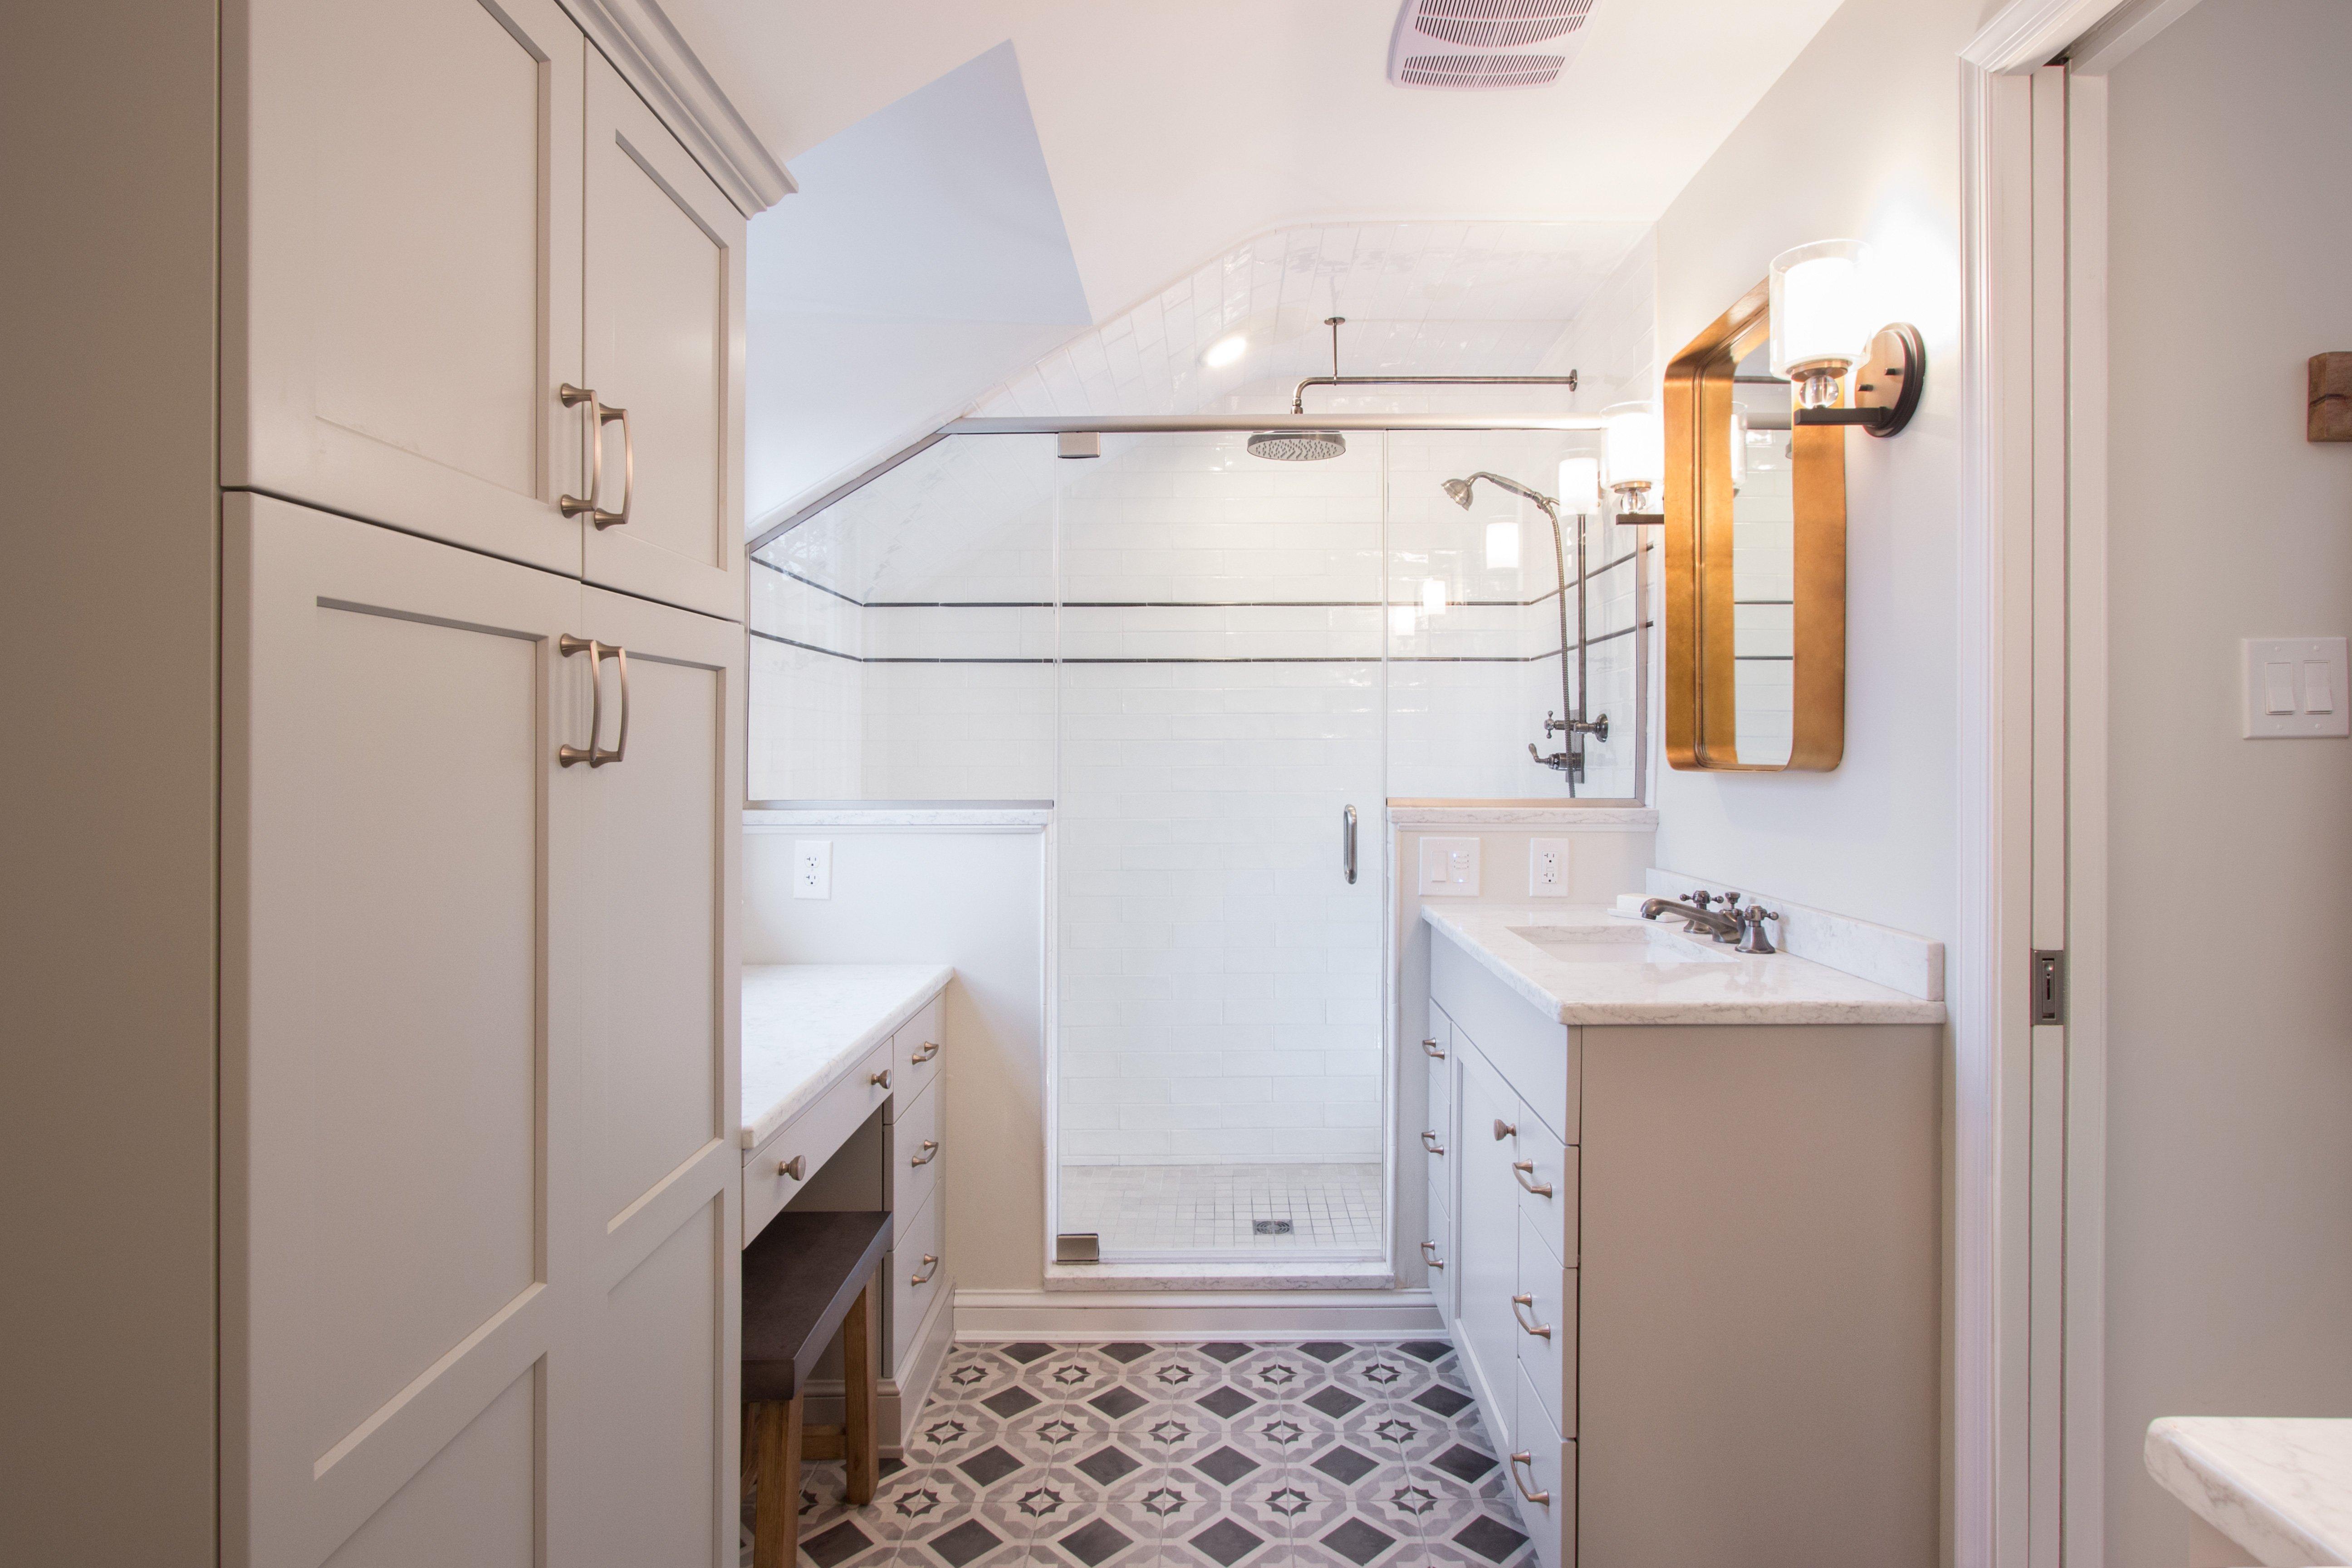 Floor Heating In A Small Bathroom